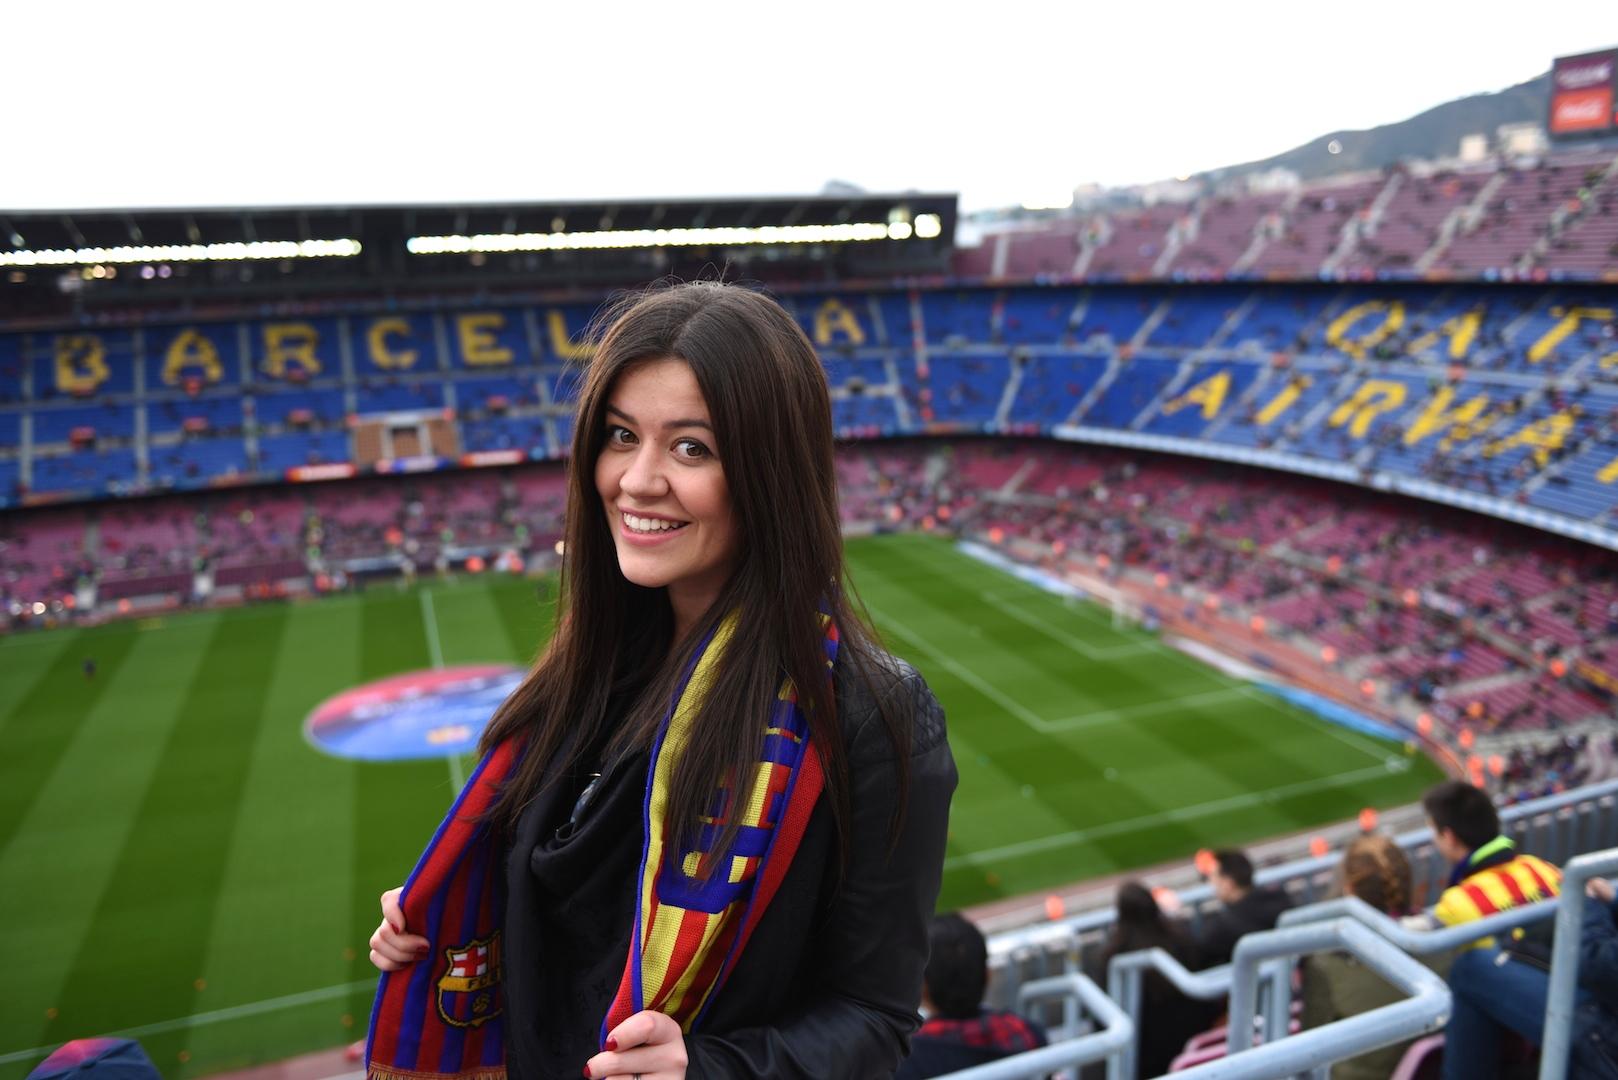 Stadion Camp Nou barcelona